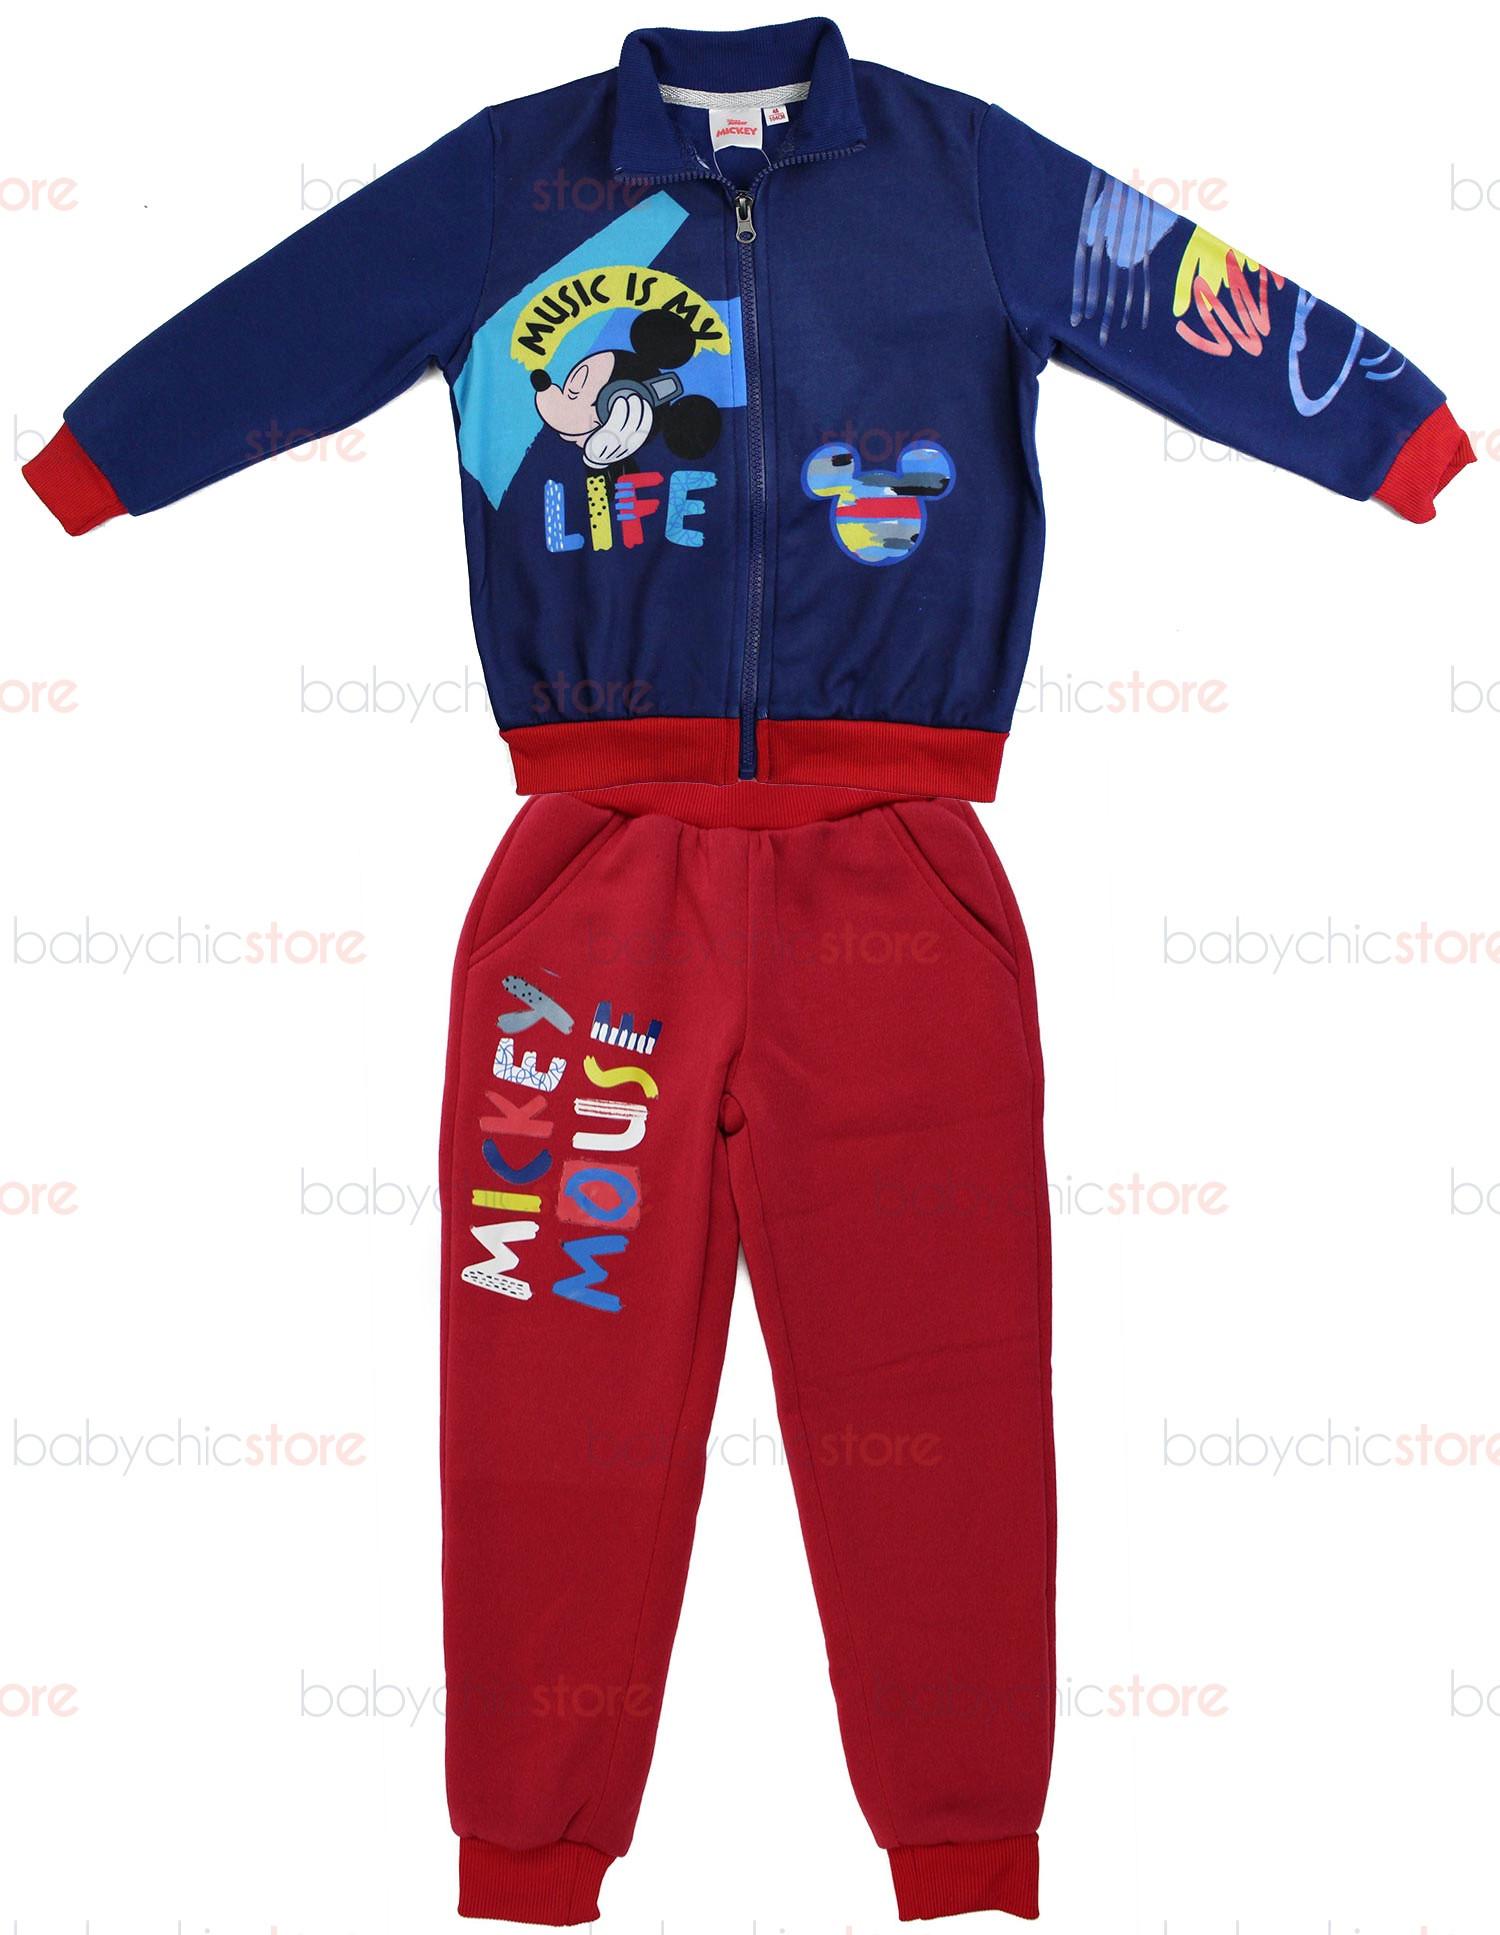 Chándal de Jogging Mickey Mouse - Azul/Rojo 4A